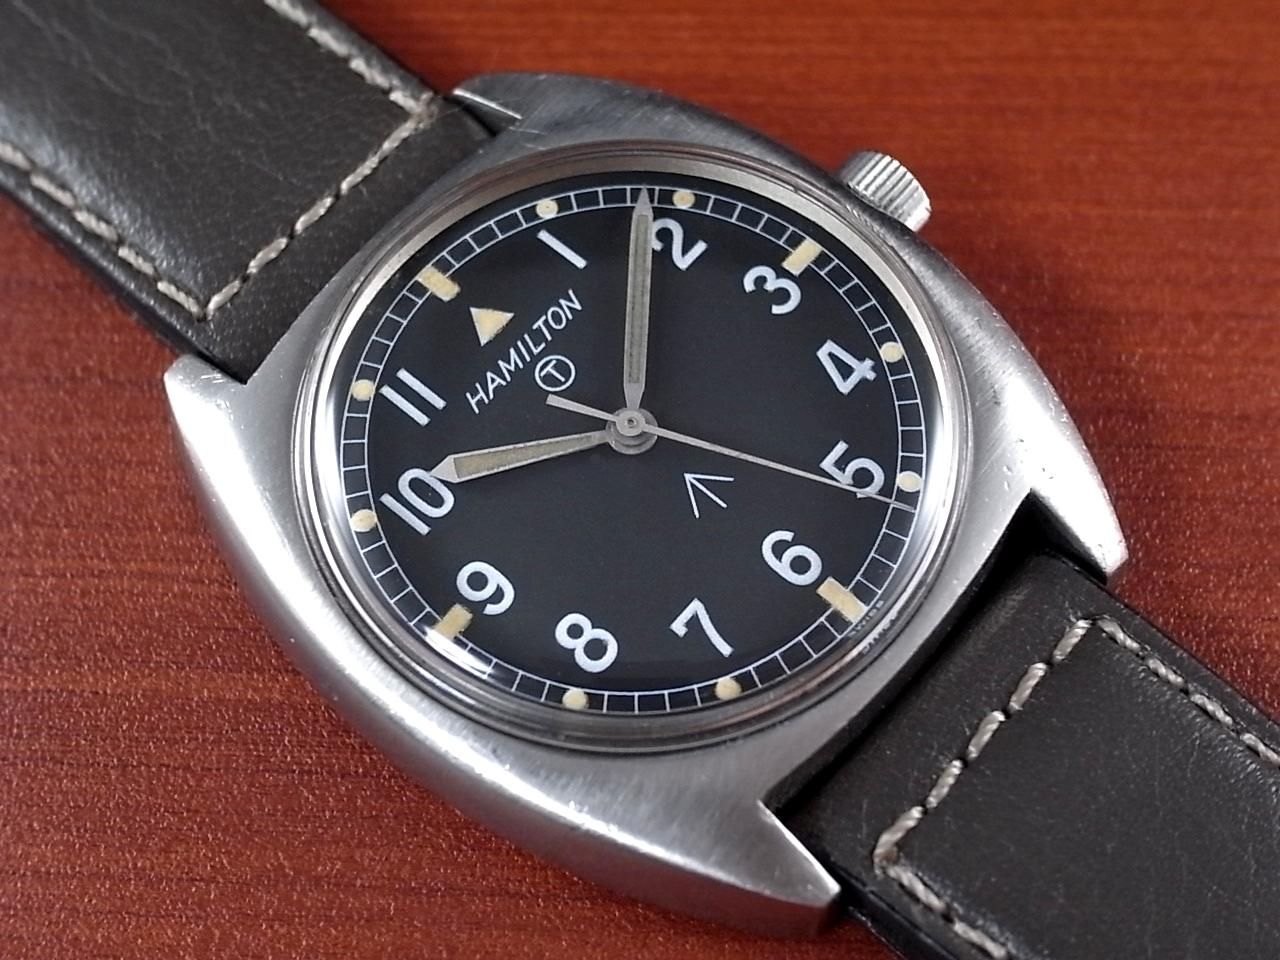 ハミルトン 軍用時計 イギリス陸軍 W10 トノーケース 1970年代のメイン写真